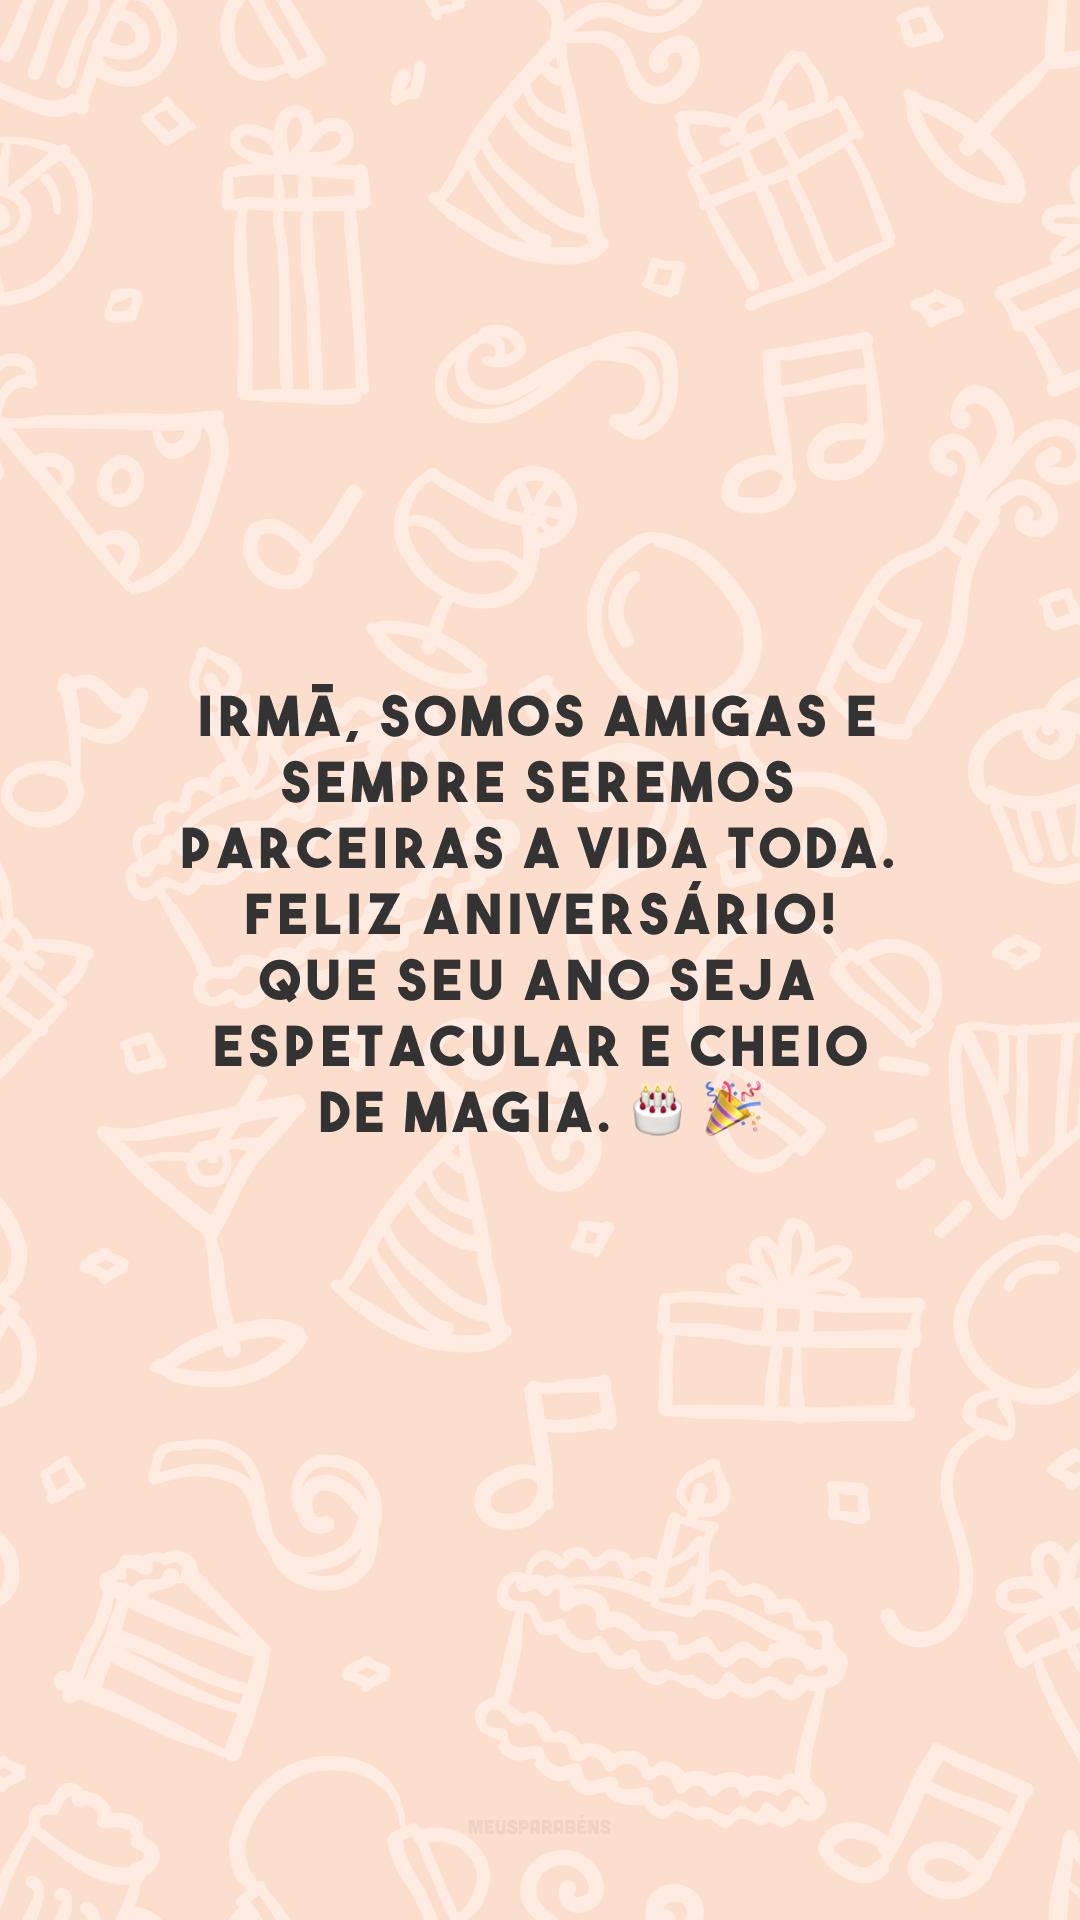 Irmã, somos amigas e sempre seremos parceiras a vida toda. Feliz aniversário! Que seu ano seja espetacular e cheio de magia.